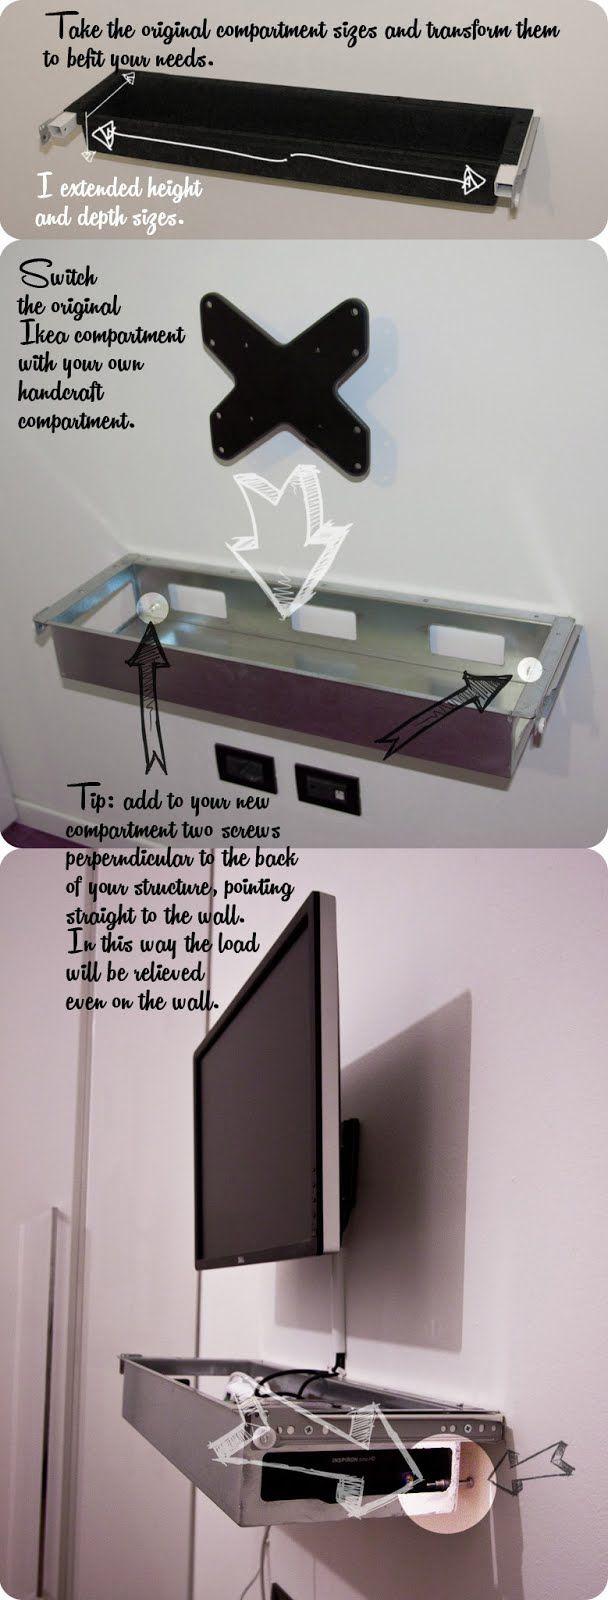 les 25 meilleures id es de la cat gorie bureau informatique ikea sur pinterest ikea galant pc. Black Bedroom Furniture Sets. Home Design Ideas